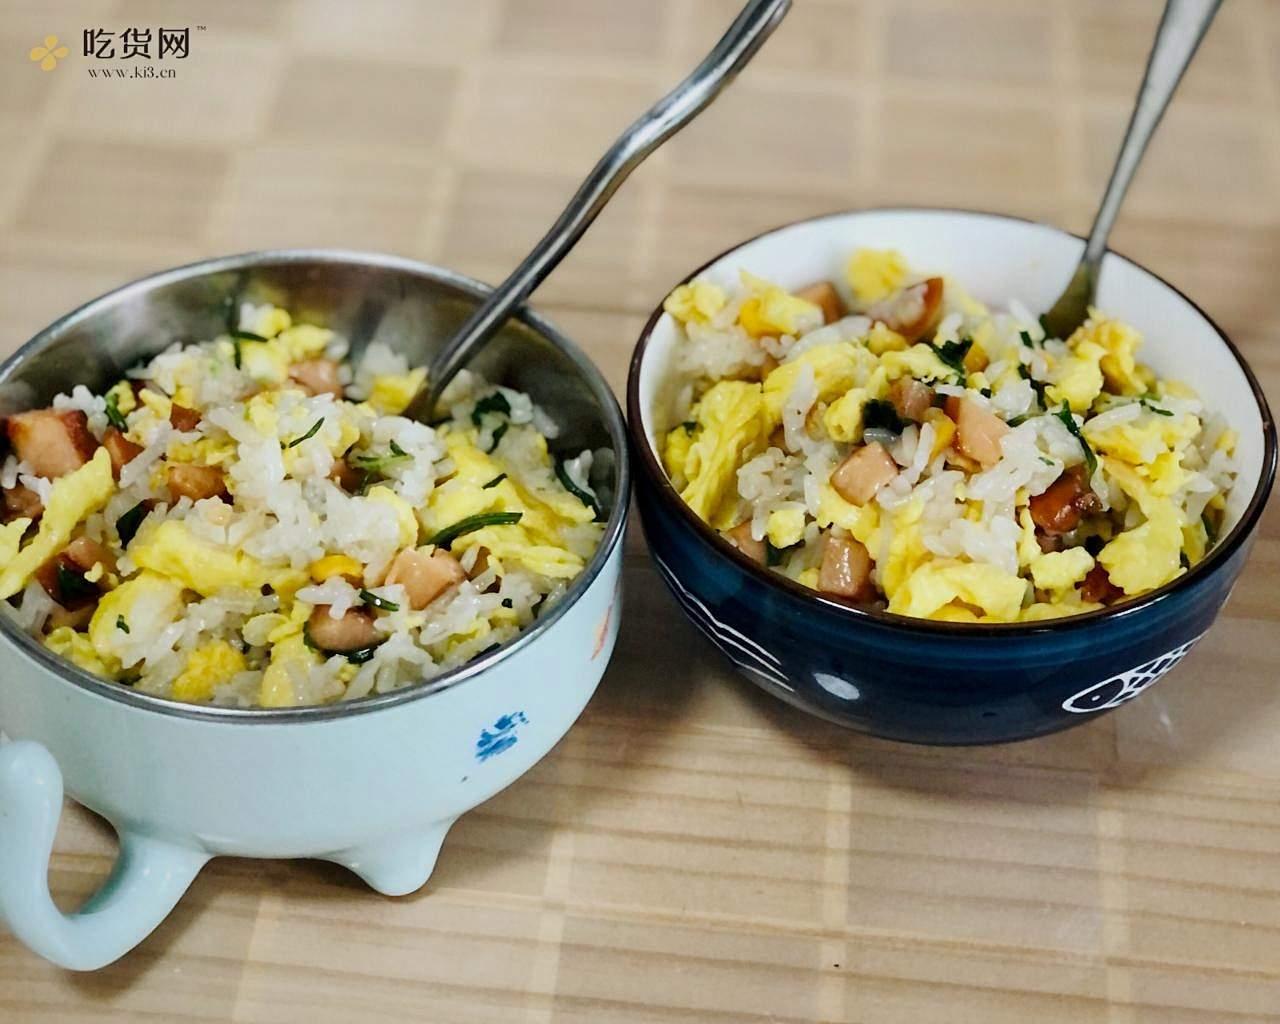 鸡蛋火腿肠炒饭的做法 步骤8